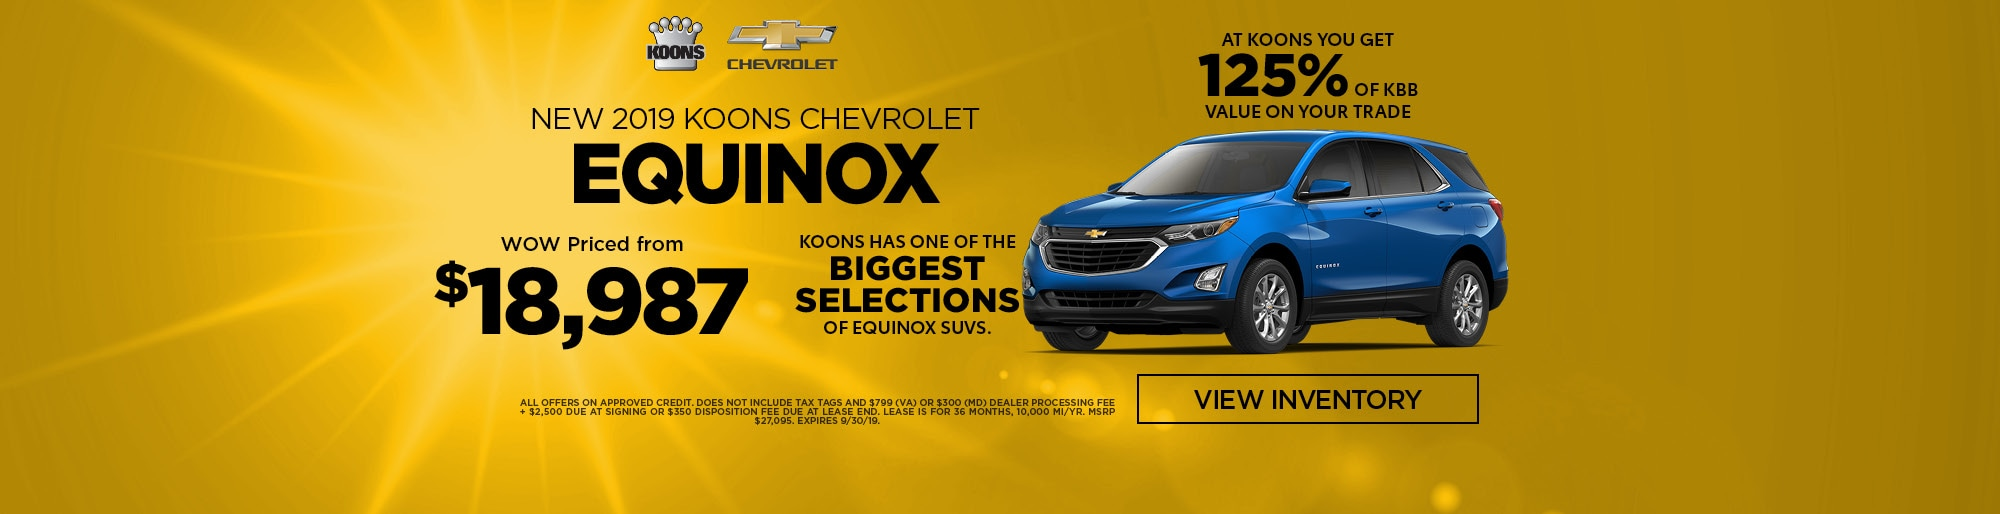 Koons Chevrolet White Marsh >> Koons White Marsh Chevrolet: Chevrolet Dealership In Baltimore County